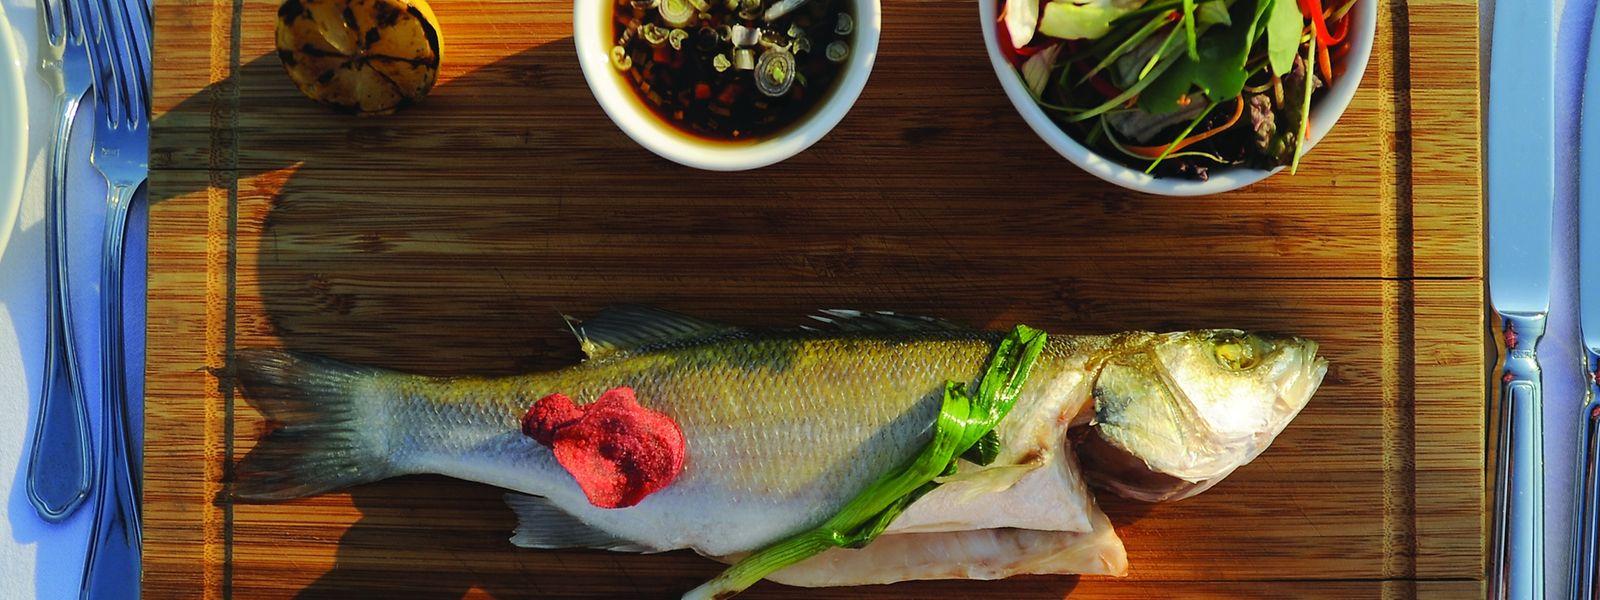 A la différence des proches pays voisins, le Luxembourg a une forte proportion d'allergiques au poisson.